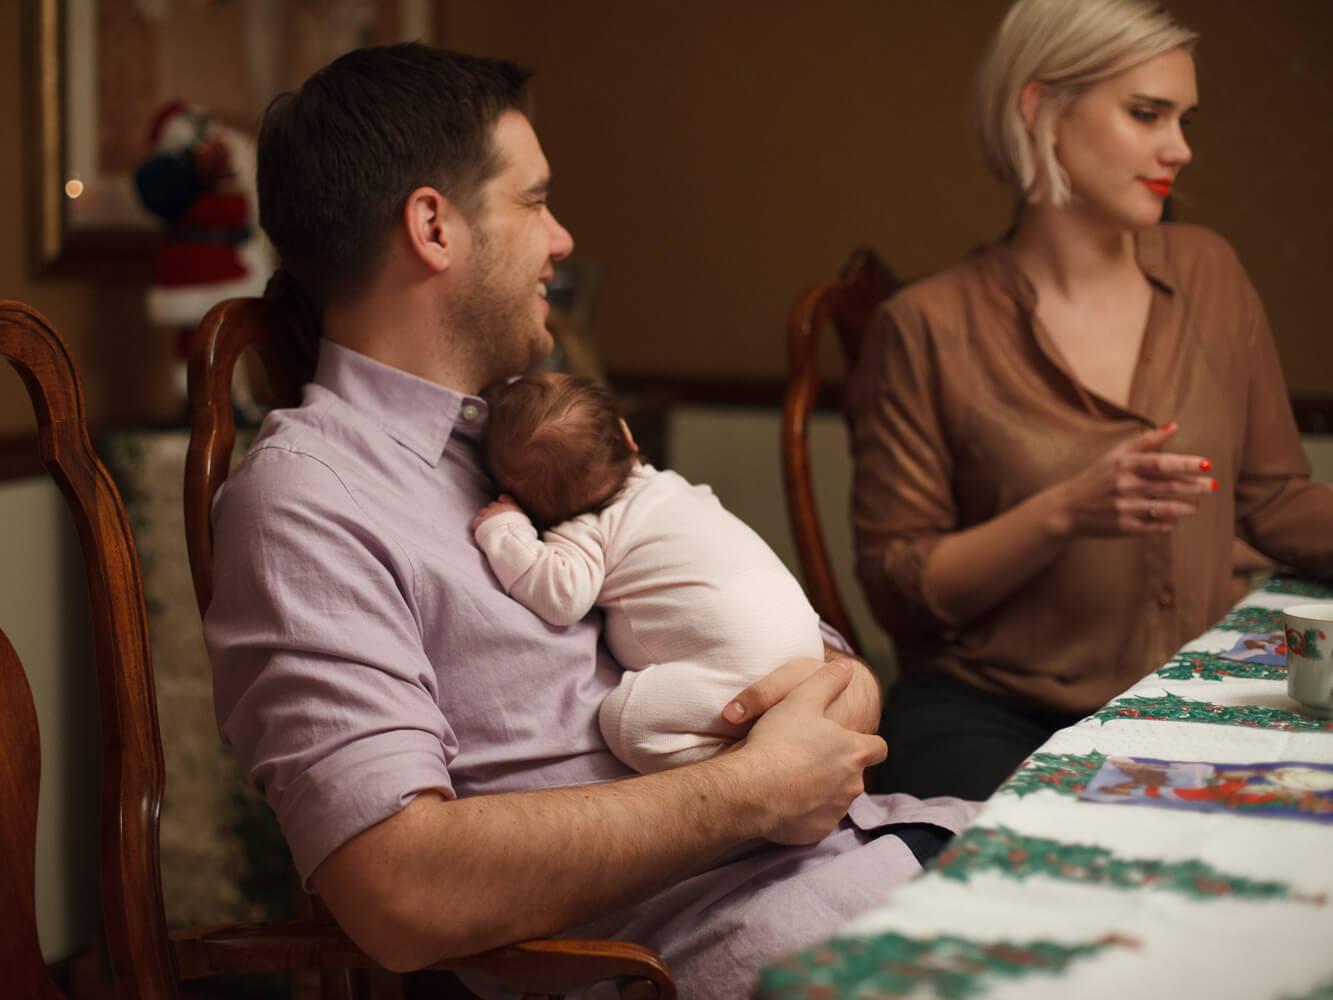 Что делать, если влюбилась в мужчину с детьми